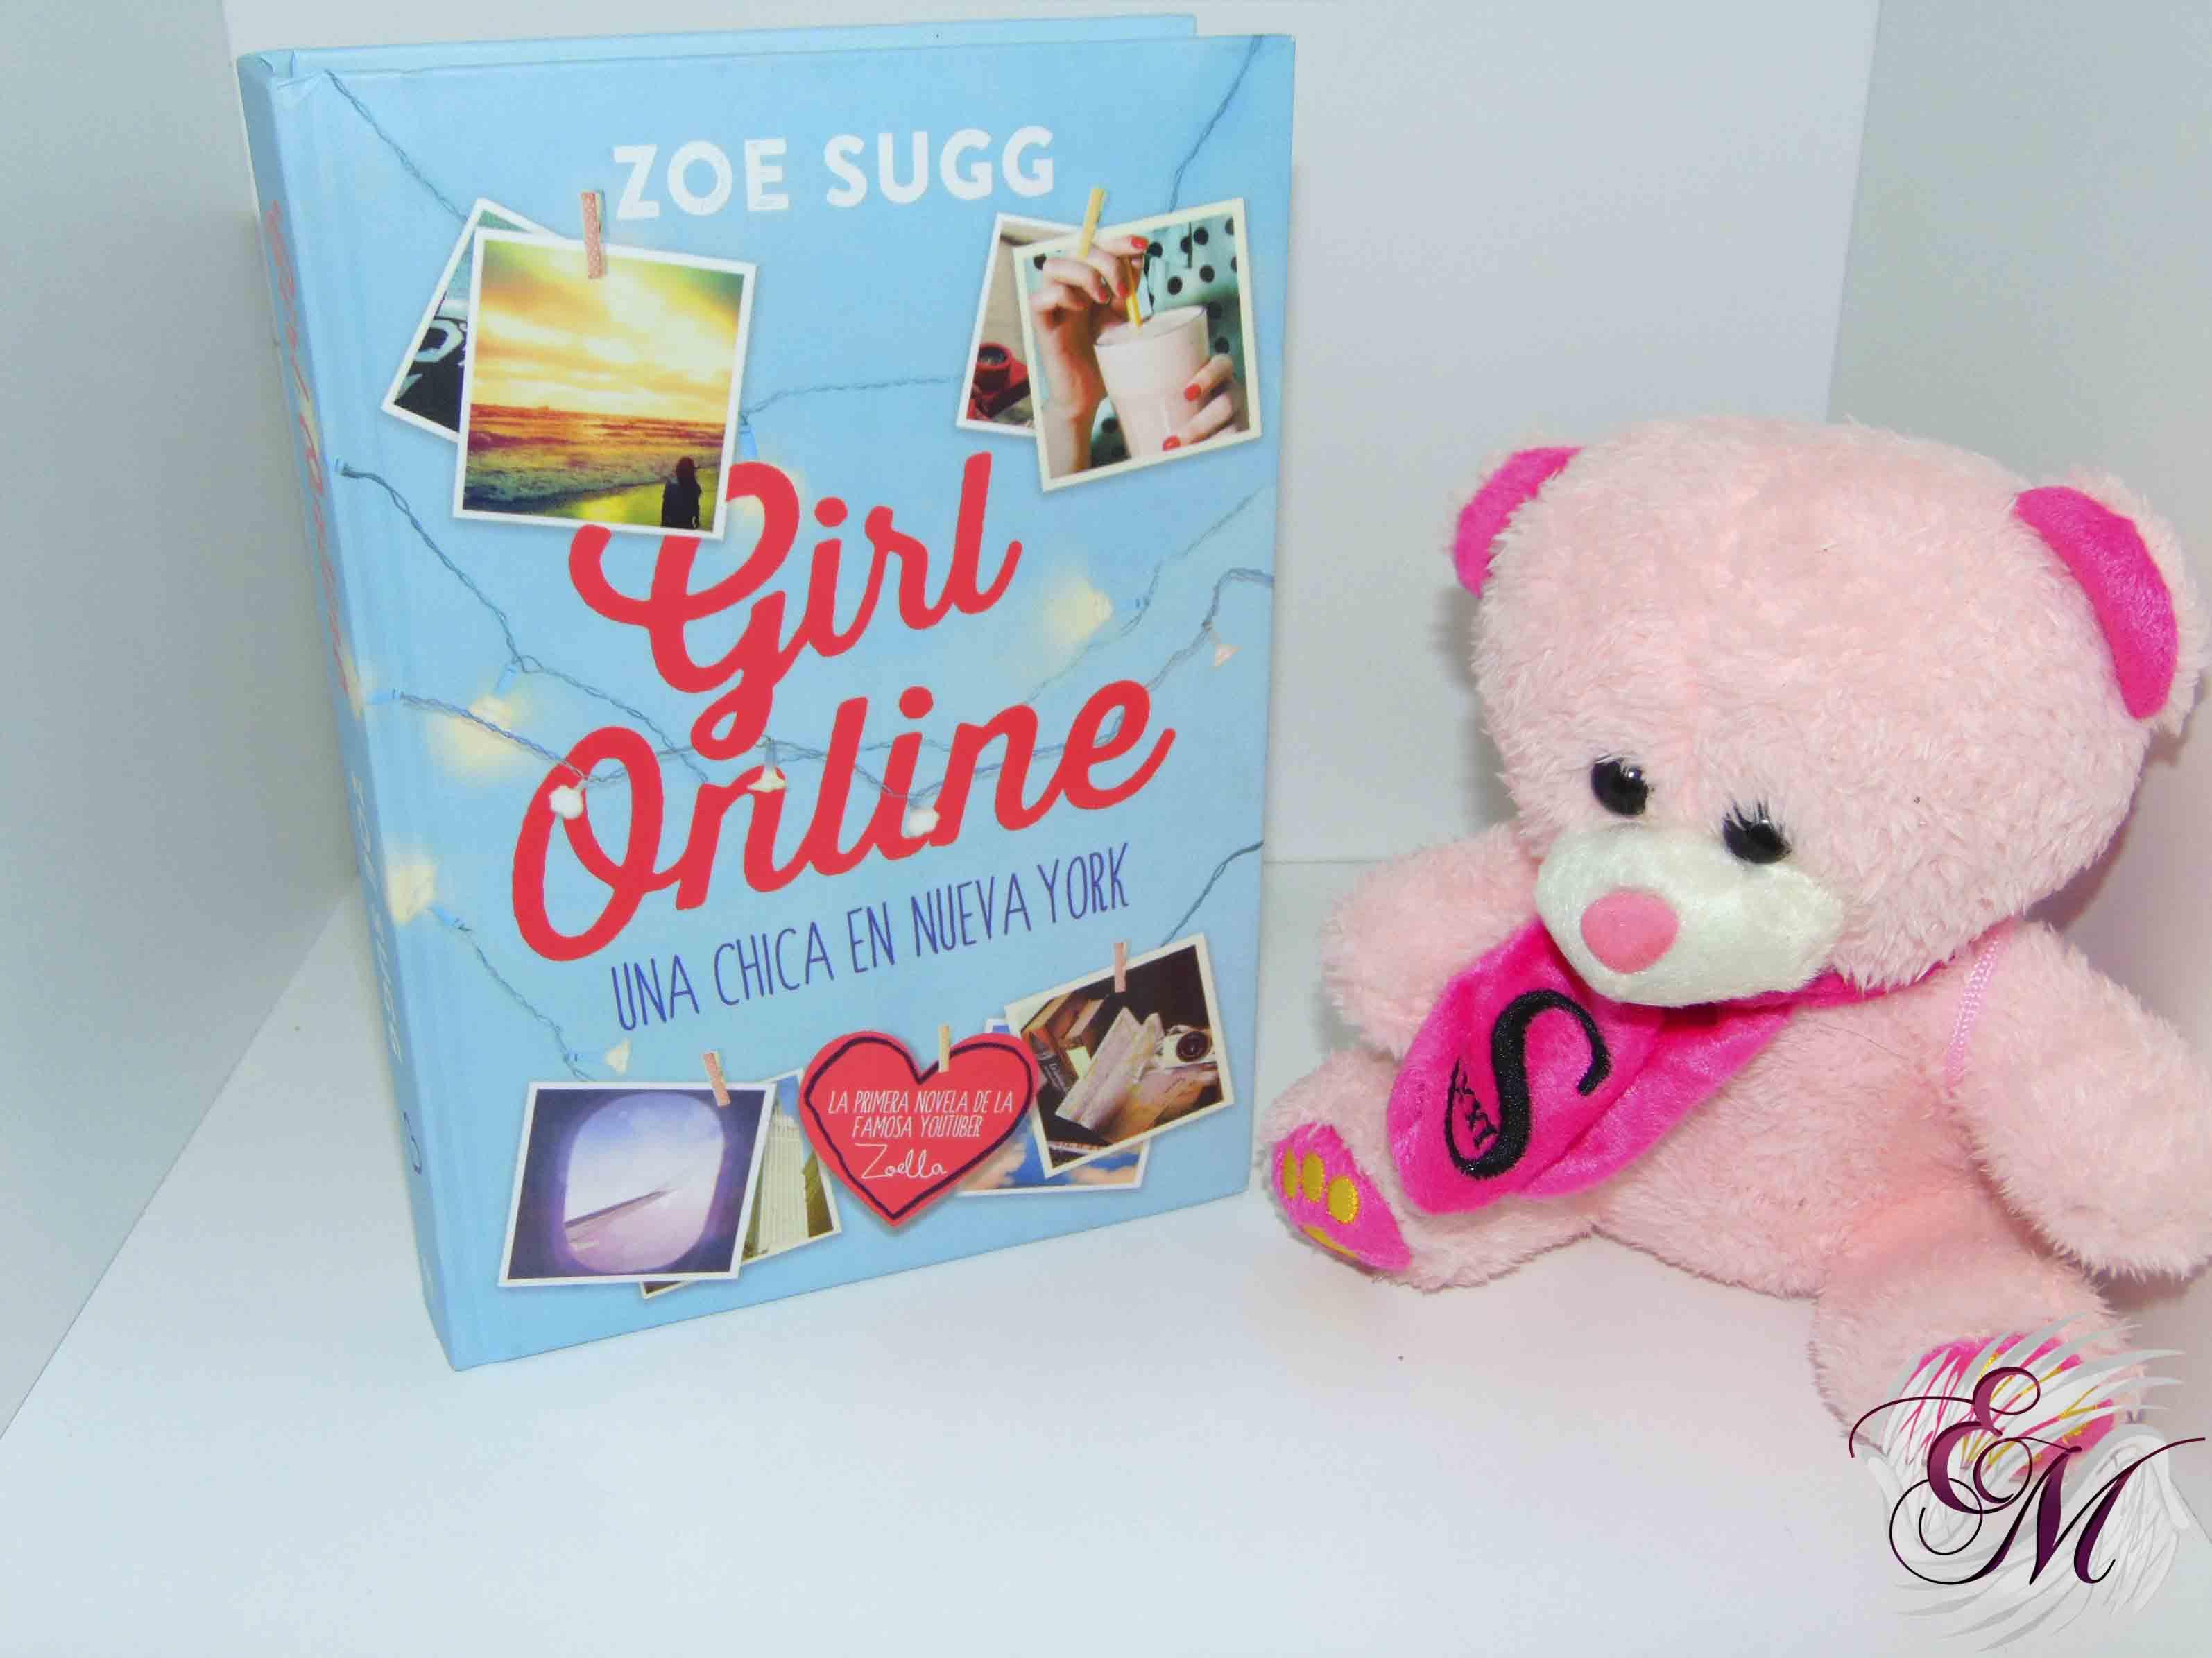 Girl online, de Zoe Sugg